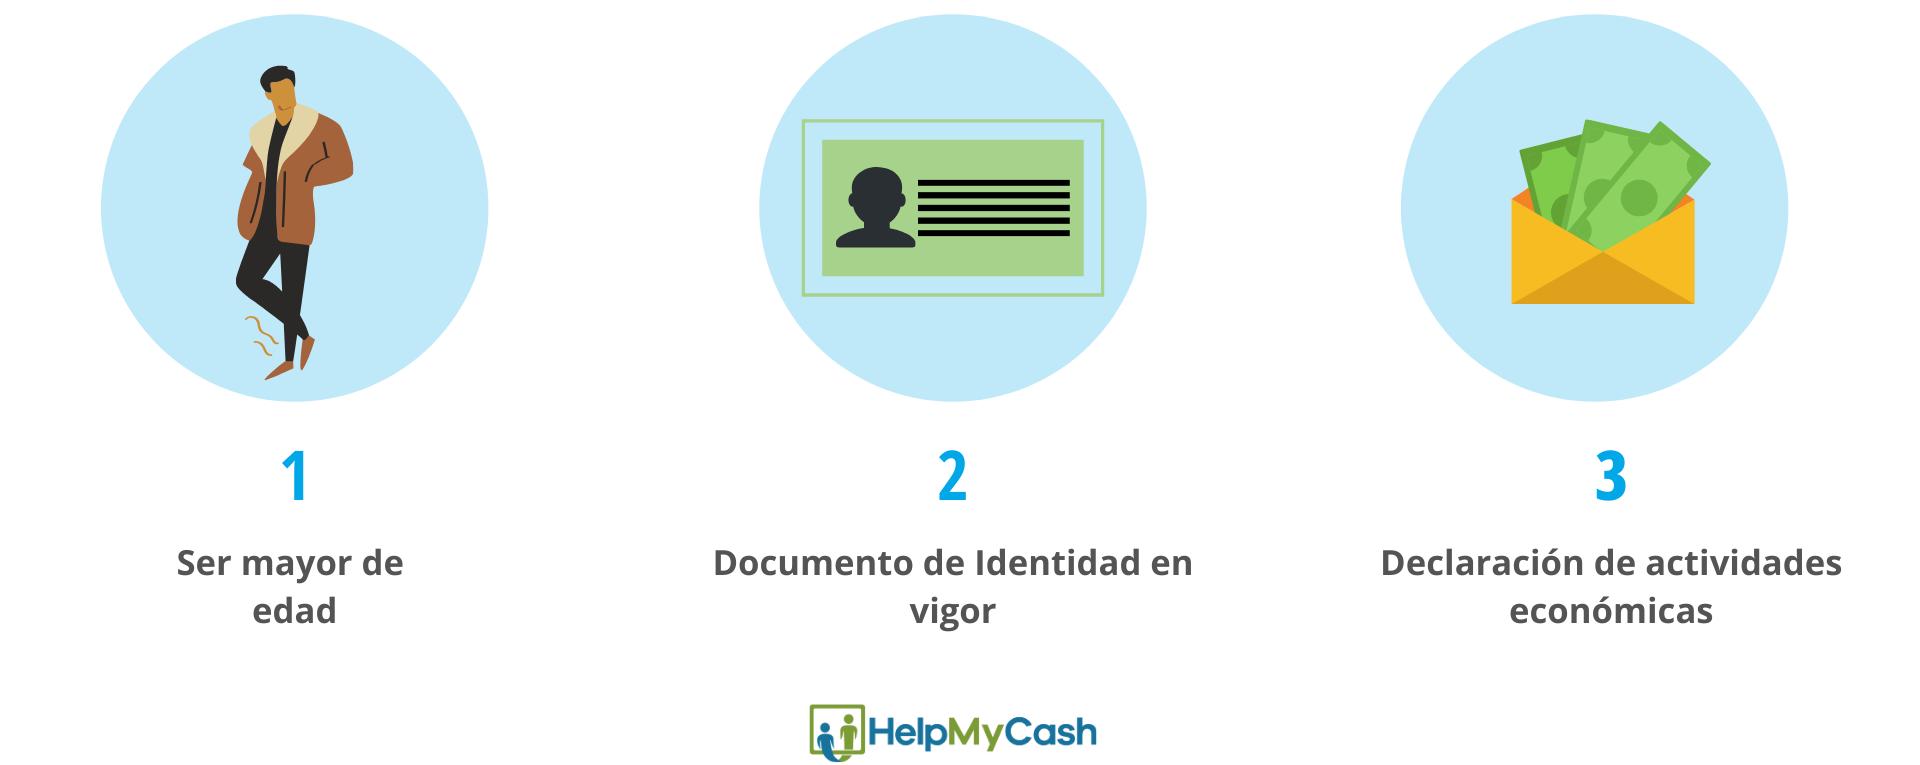 Requisitos para abrir una cuenta corriente: 1- ser mayor de edad. 2- tener el DNI, pasaporte o NIE en regla. 3- presentar la declaración de actividades económicas (DAE).